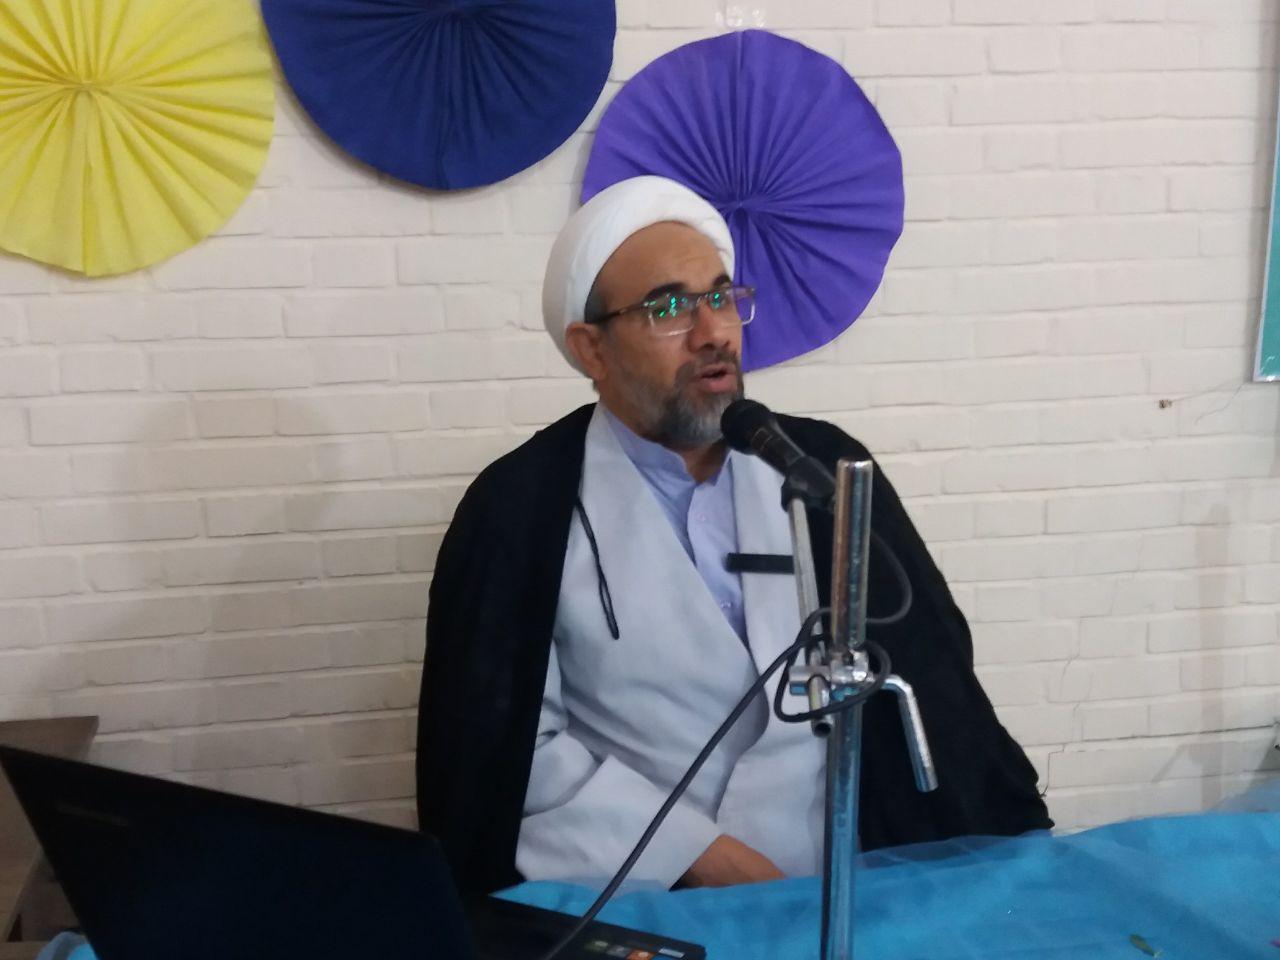 همایش نقش فرهنگ درمقابله باجنگ نرم ویژه مدیران هیات مذهبی شهرستان فلاورجان برگزارشد